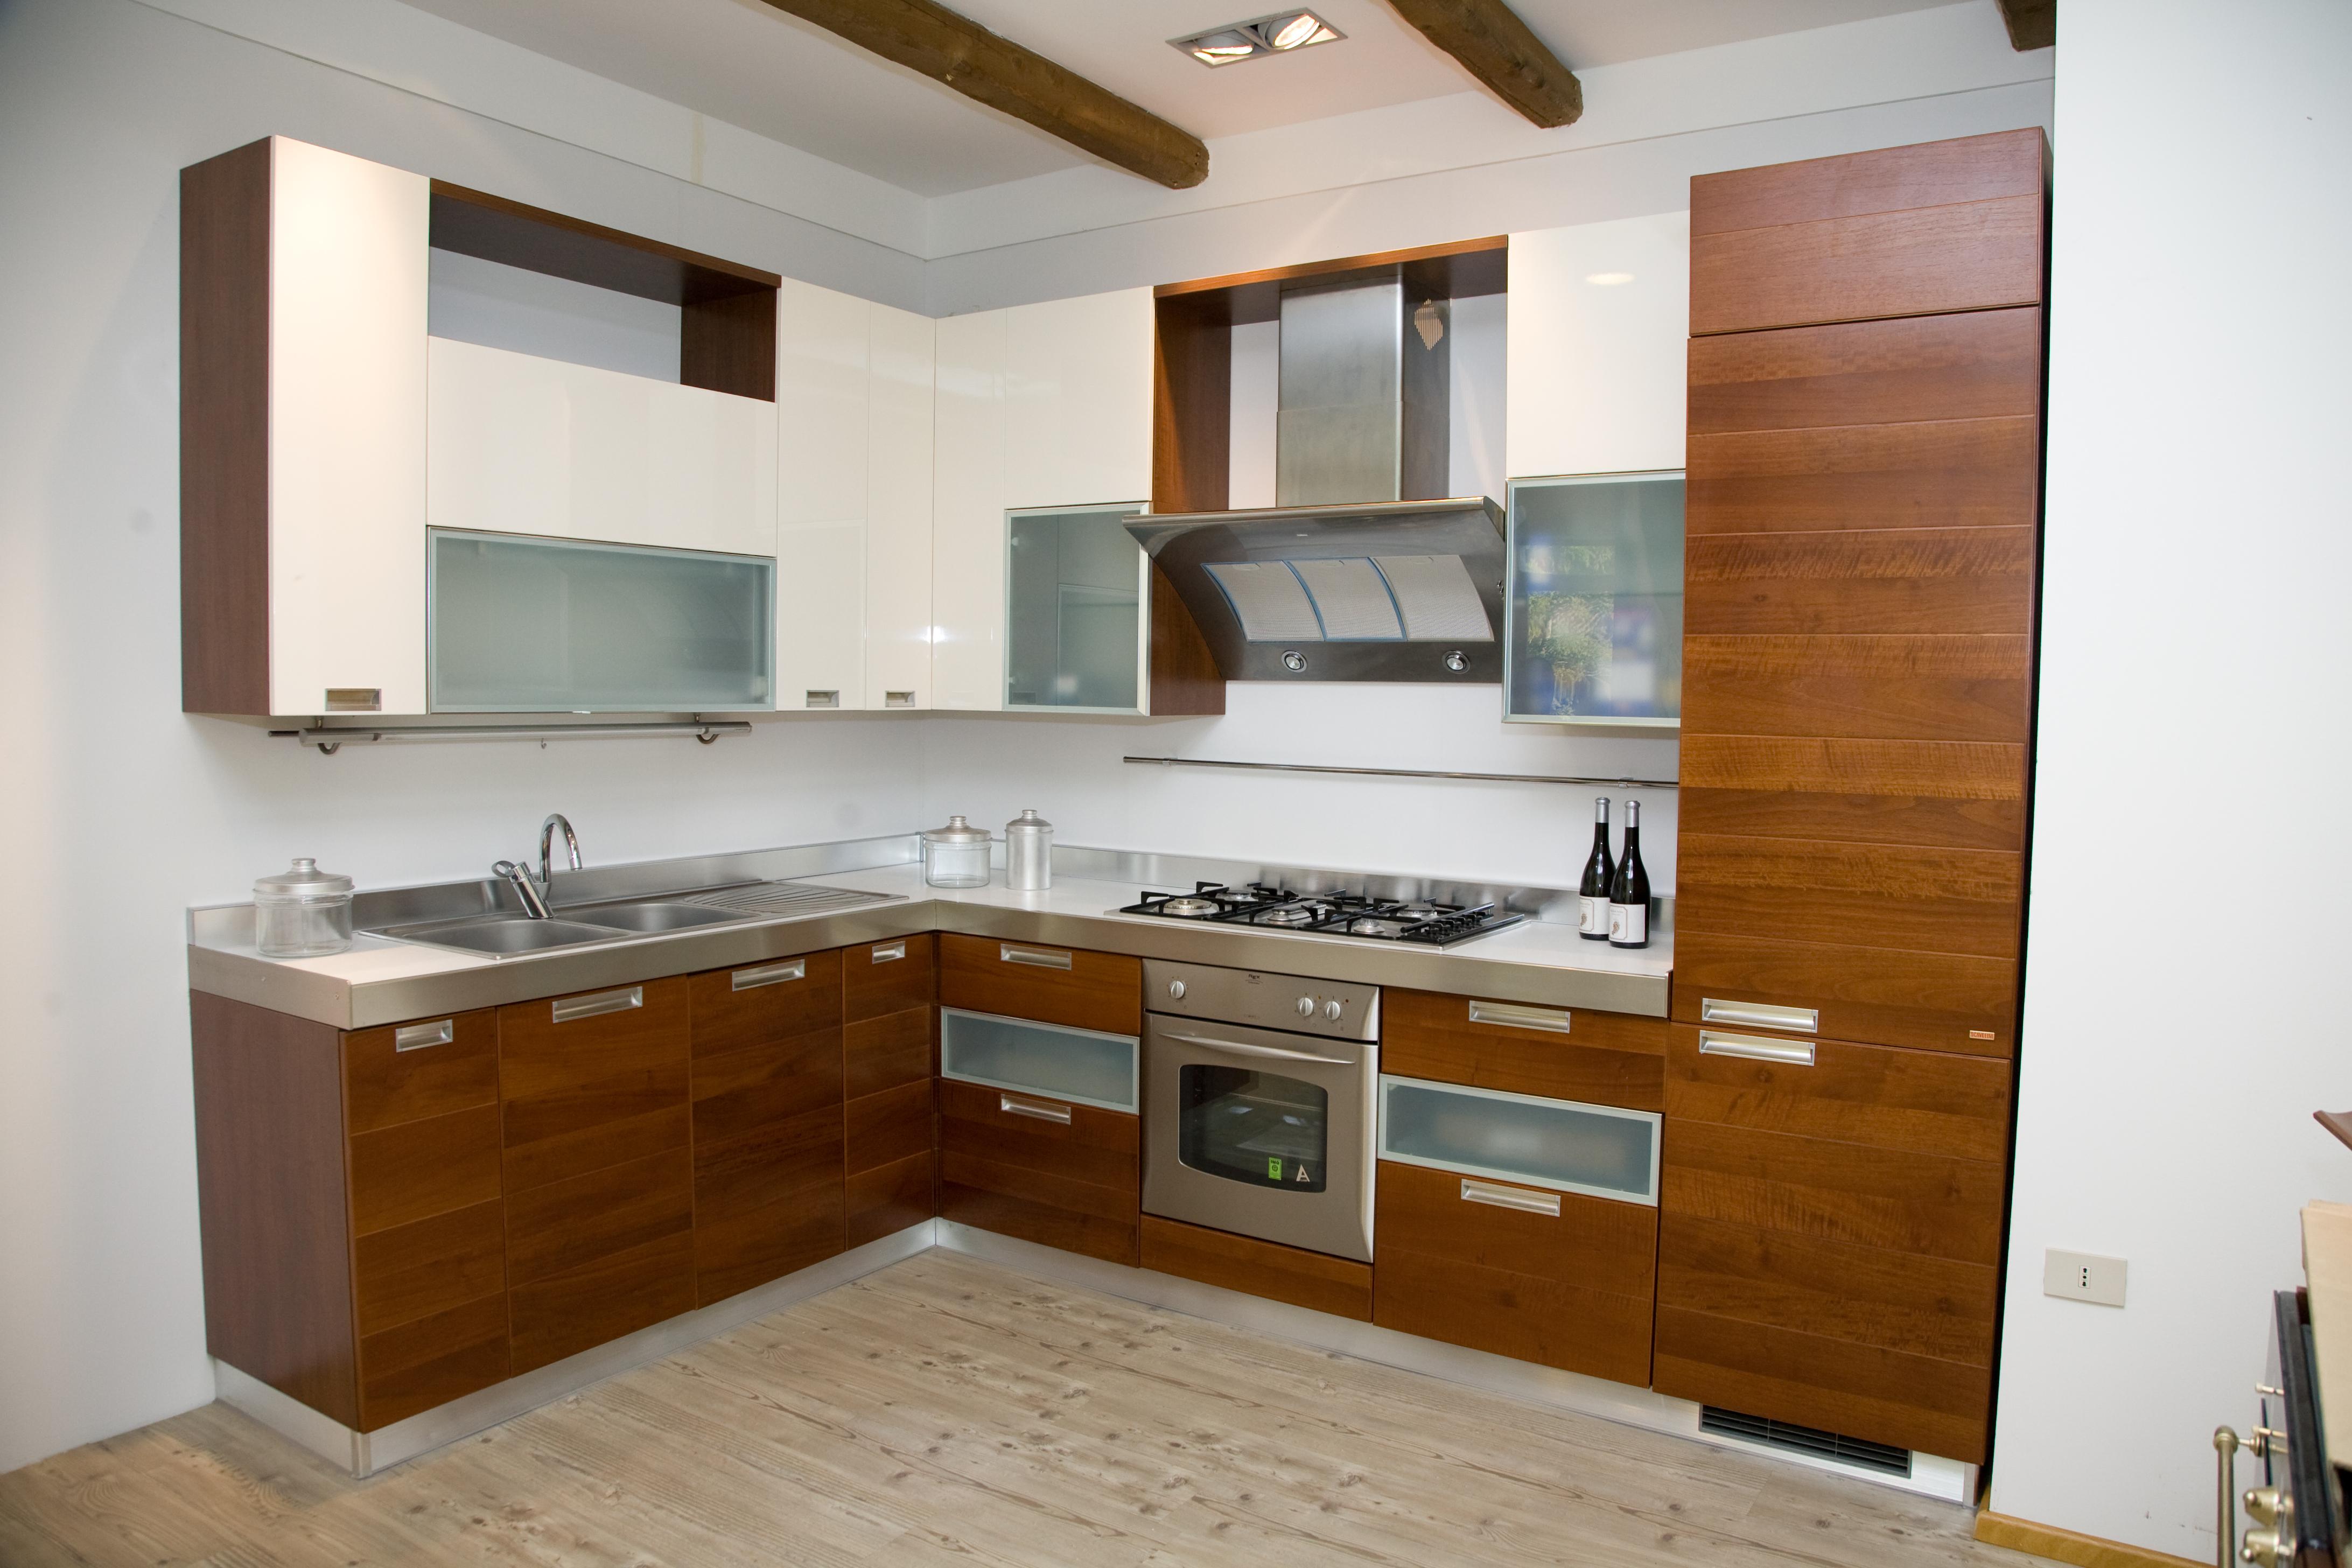 Cucina scavolini palagi mobili - Cucina scavolini prezzo ...